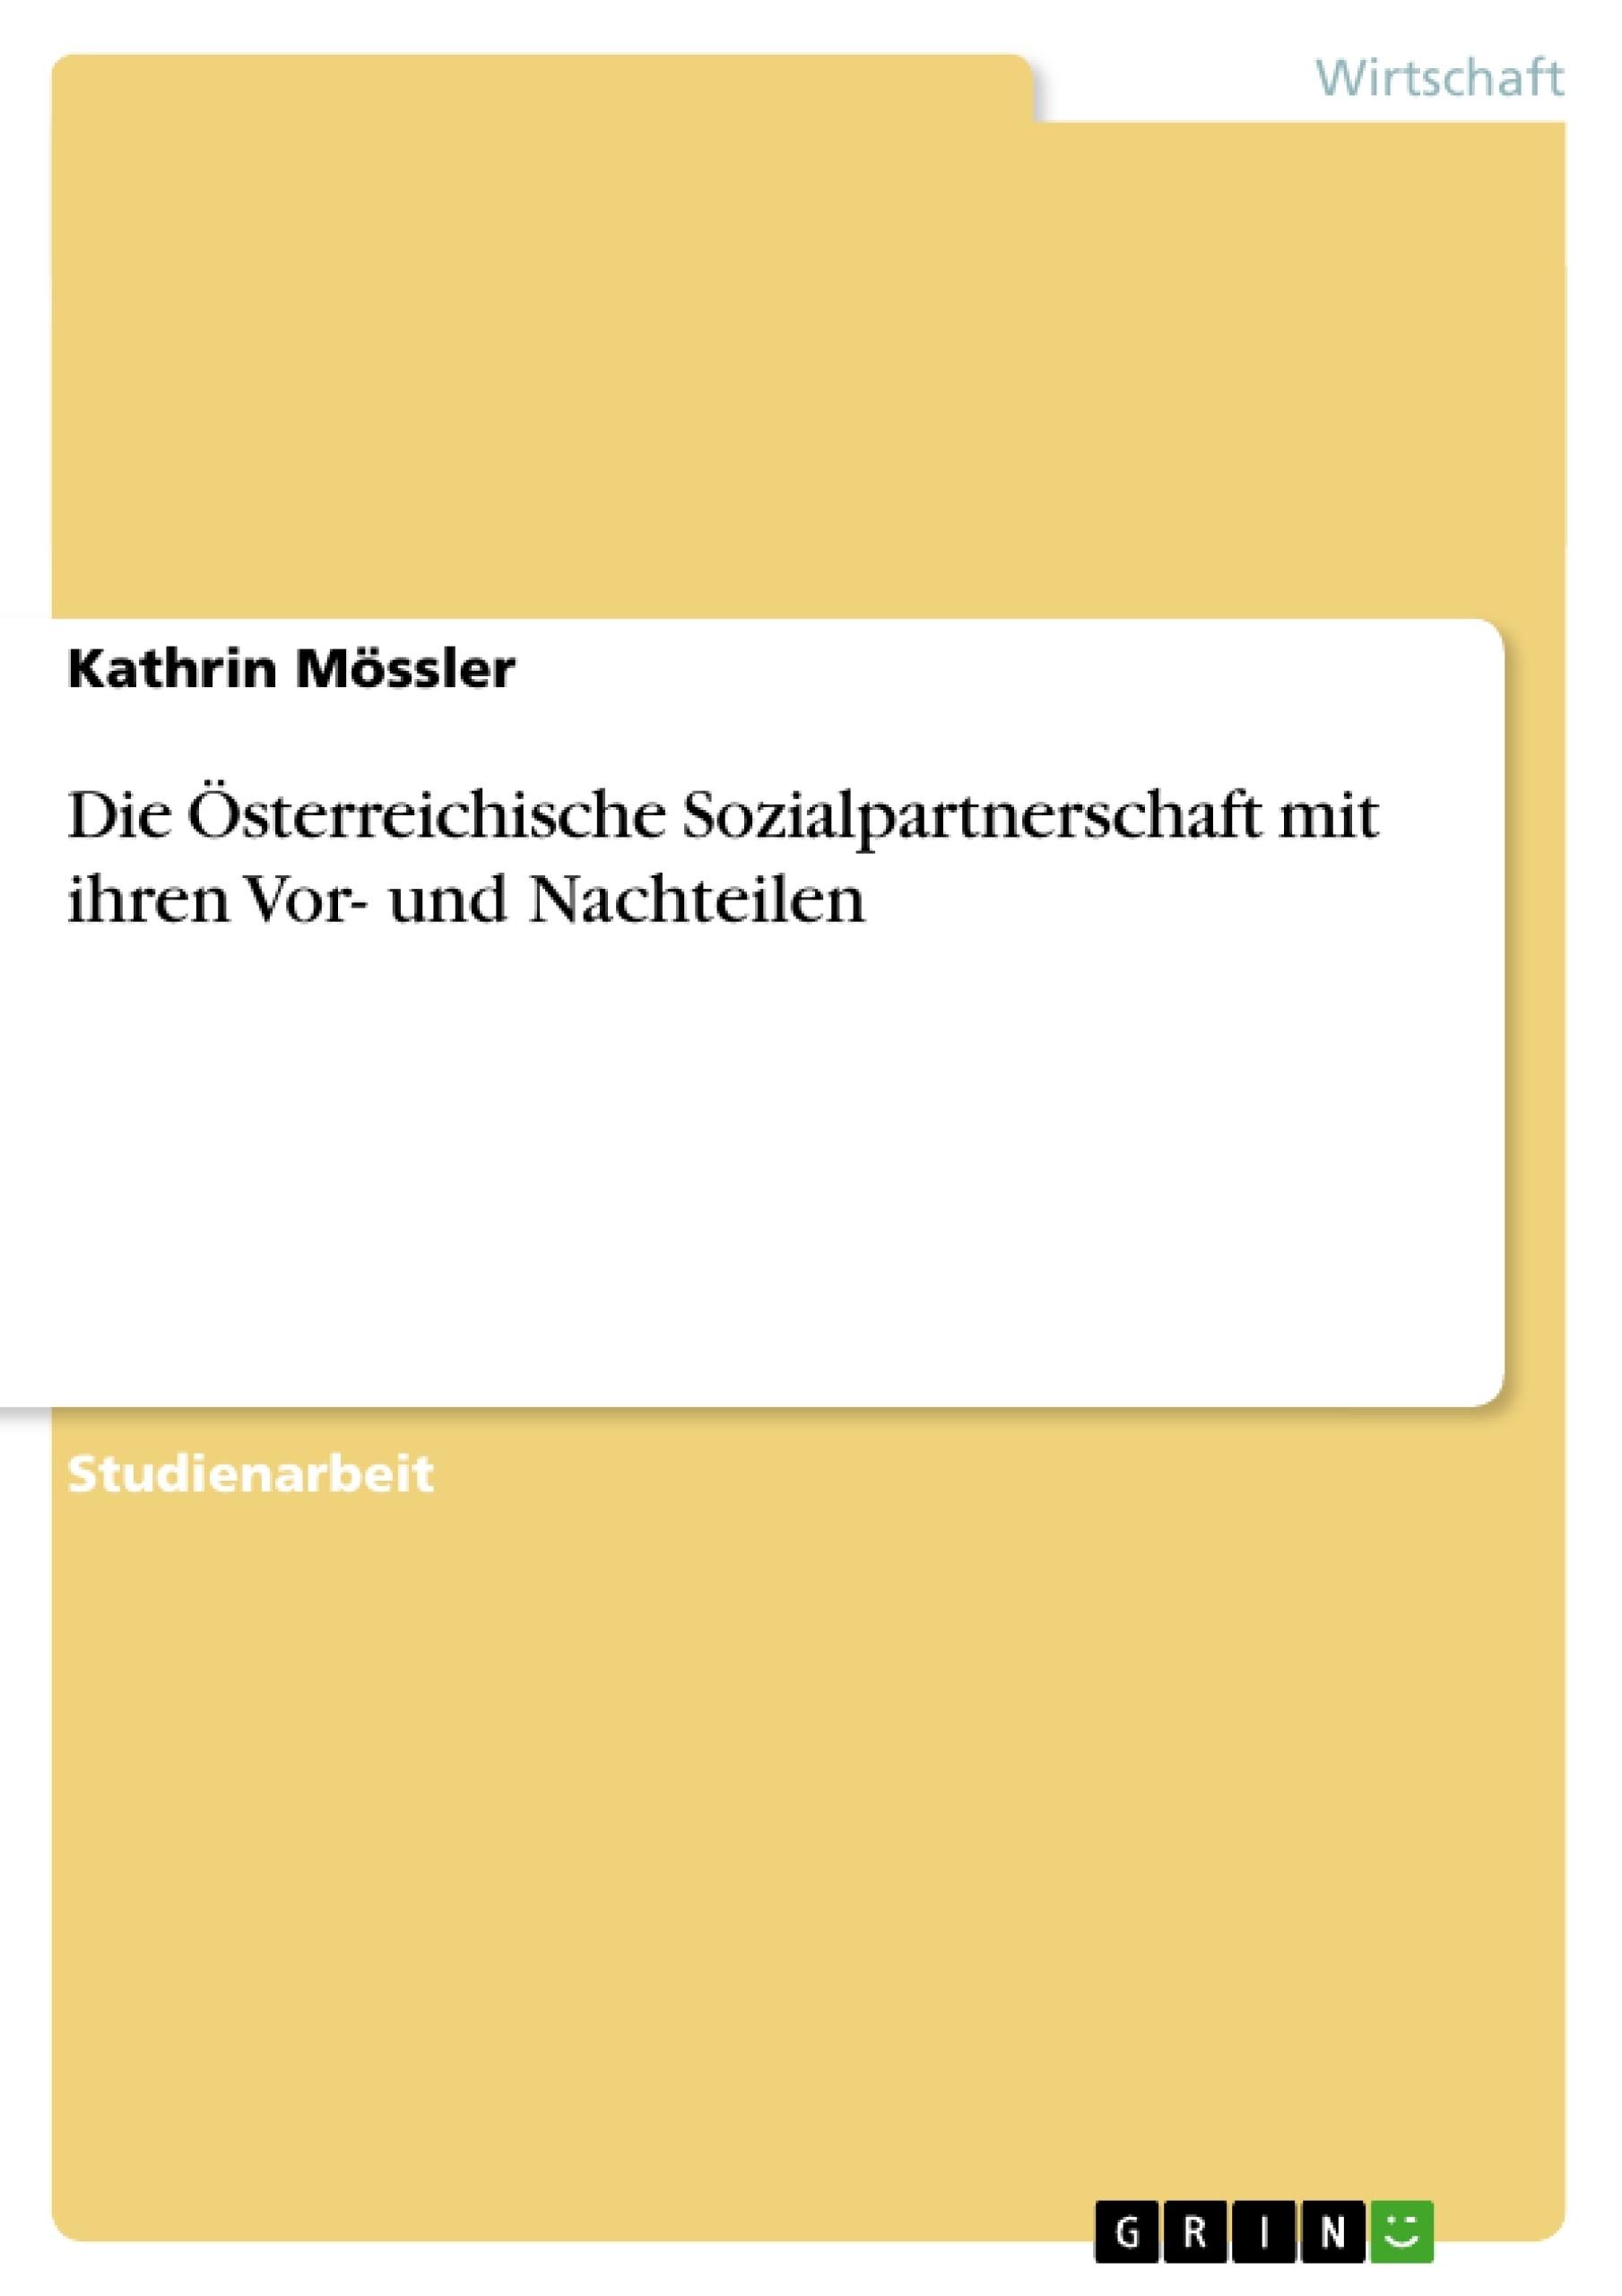 Titel: Die Österreichische Sozialpartnerschaft mit ihren Vor- und Nachteilen